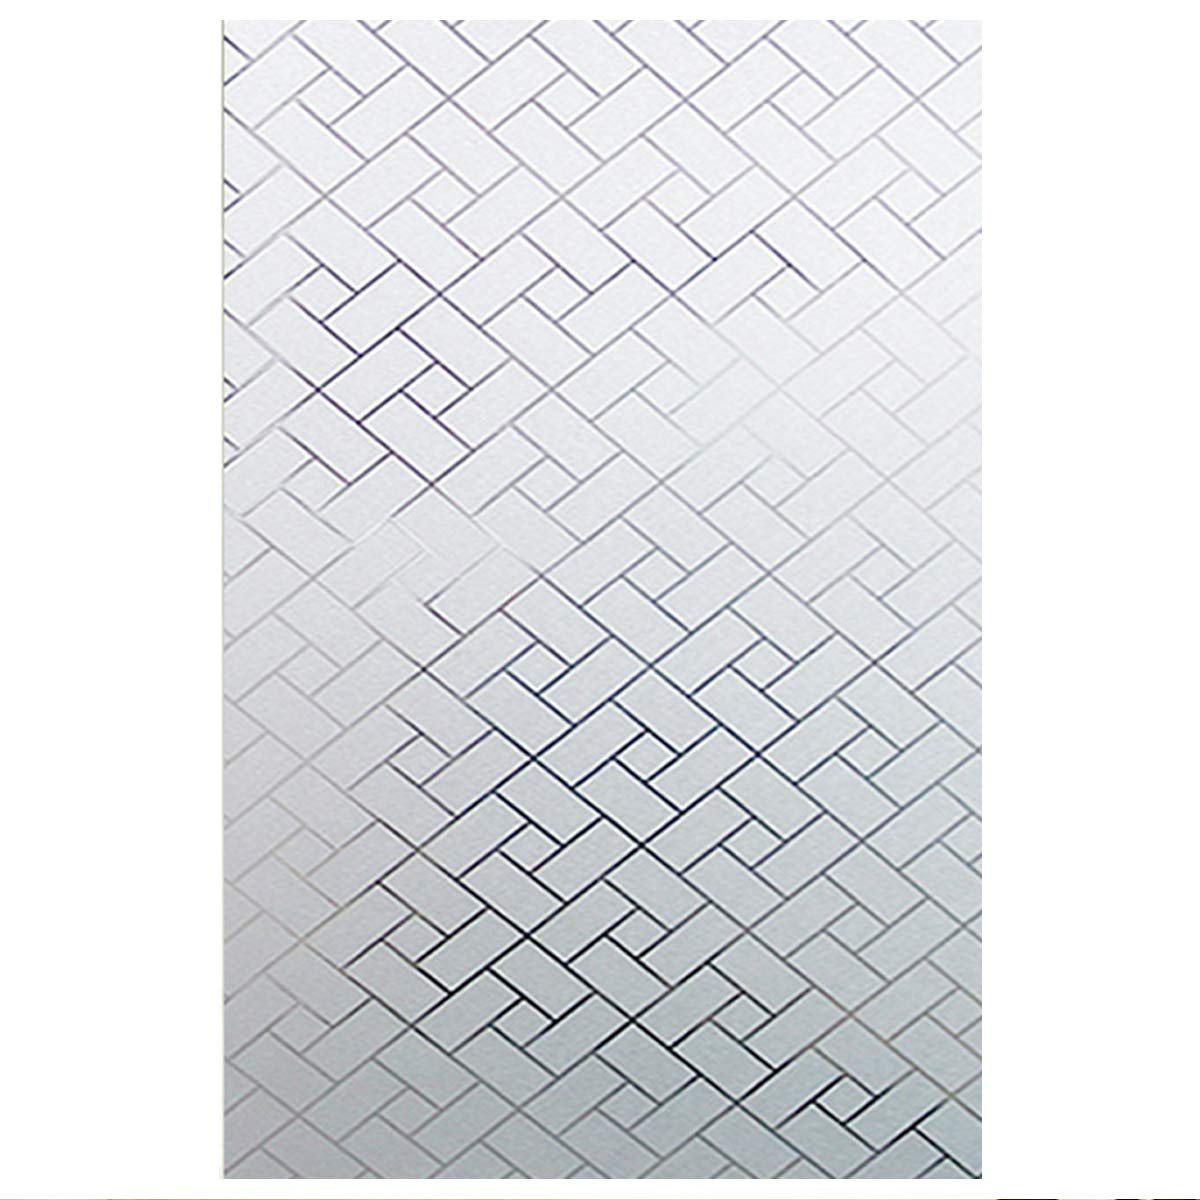 EASEHOME Adhésif Film Electrostatique Dépoli de Vitre Fenêtre, Verre Autocollants Décoratifs pour Fenetre Opaque Statique Sticker Protége Intimité Anti-UV 17.7'x78.7'(45x200cm), Plaid Diagonal